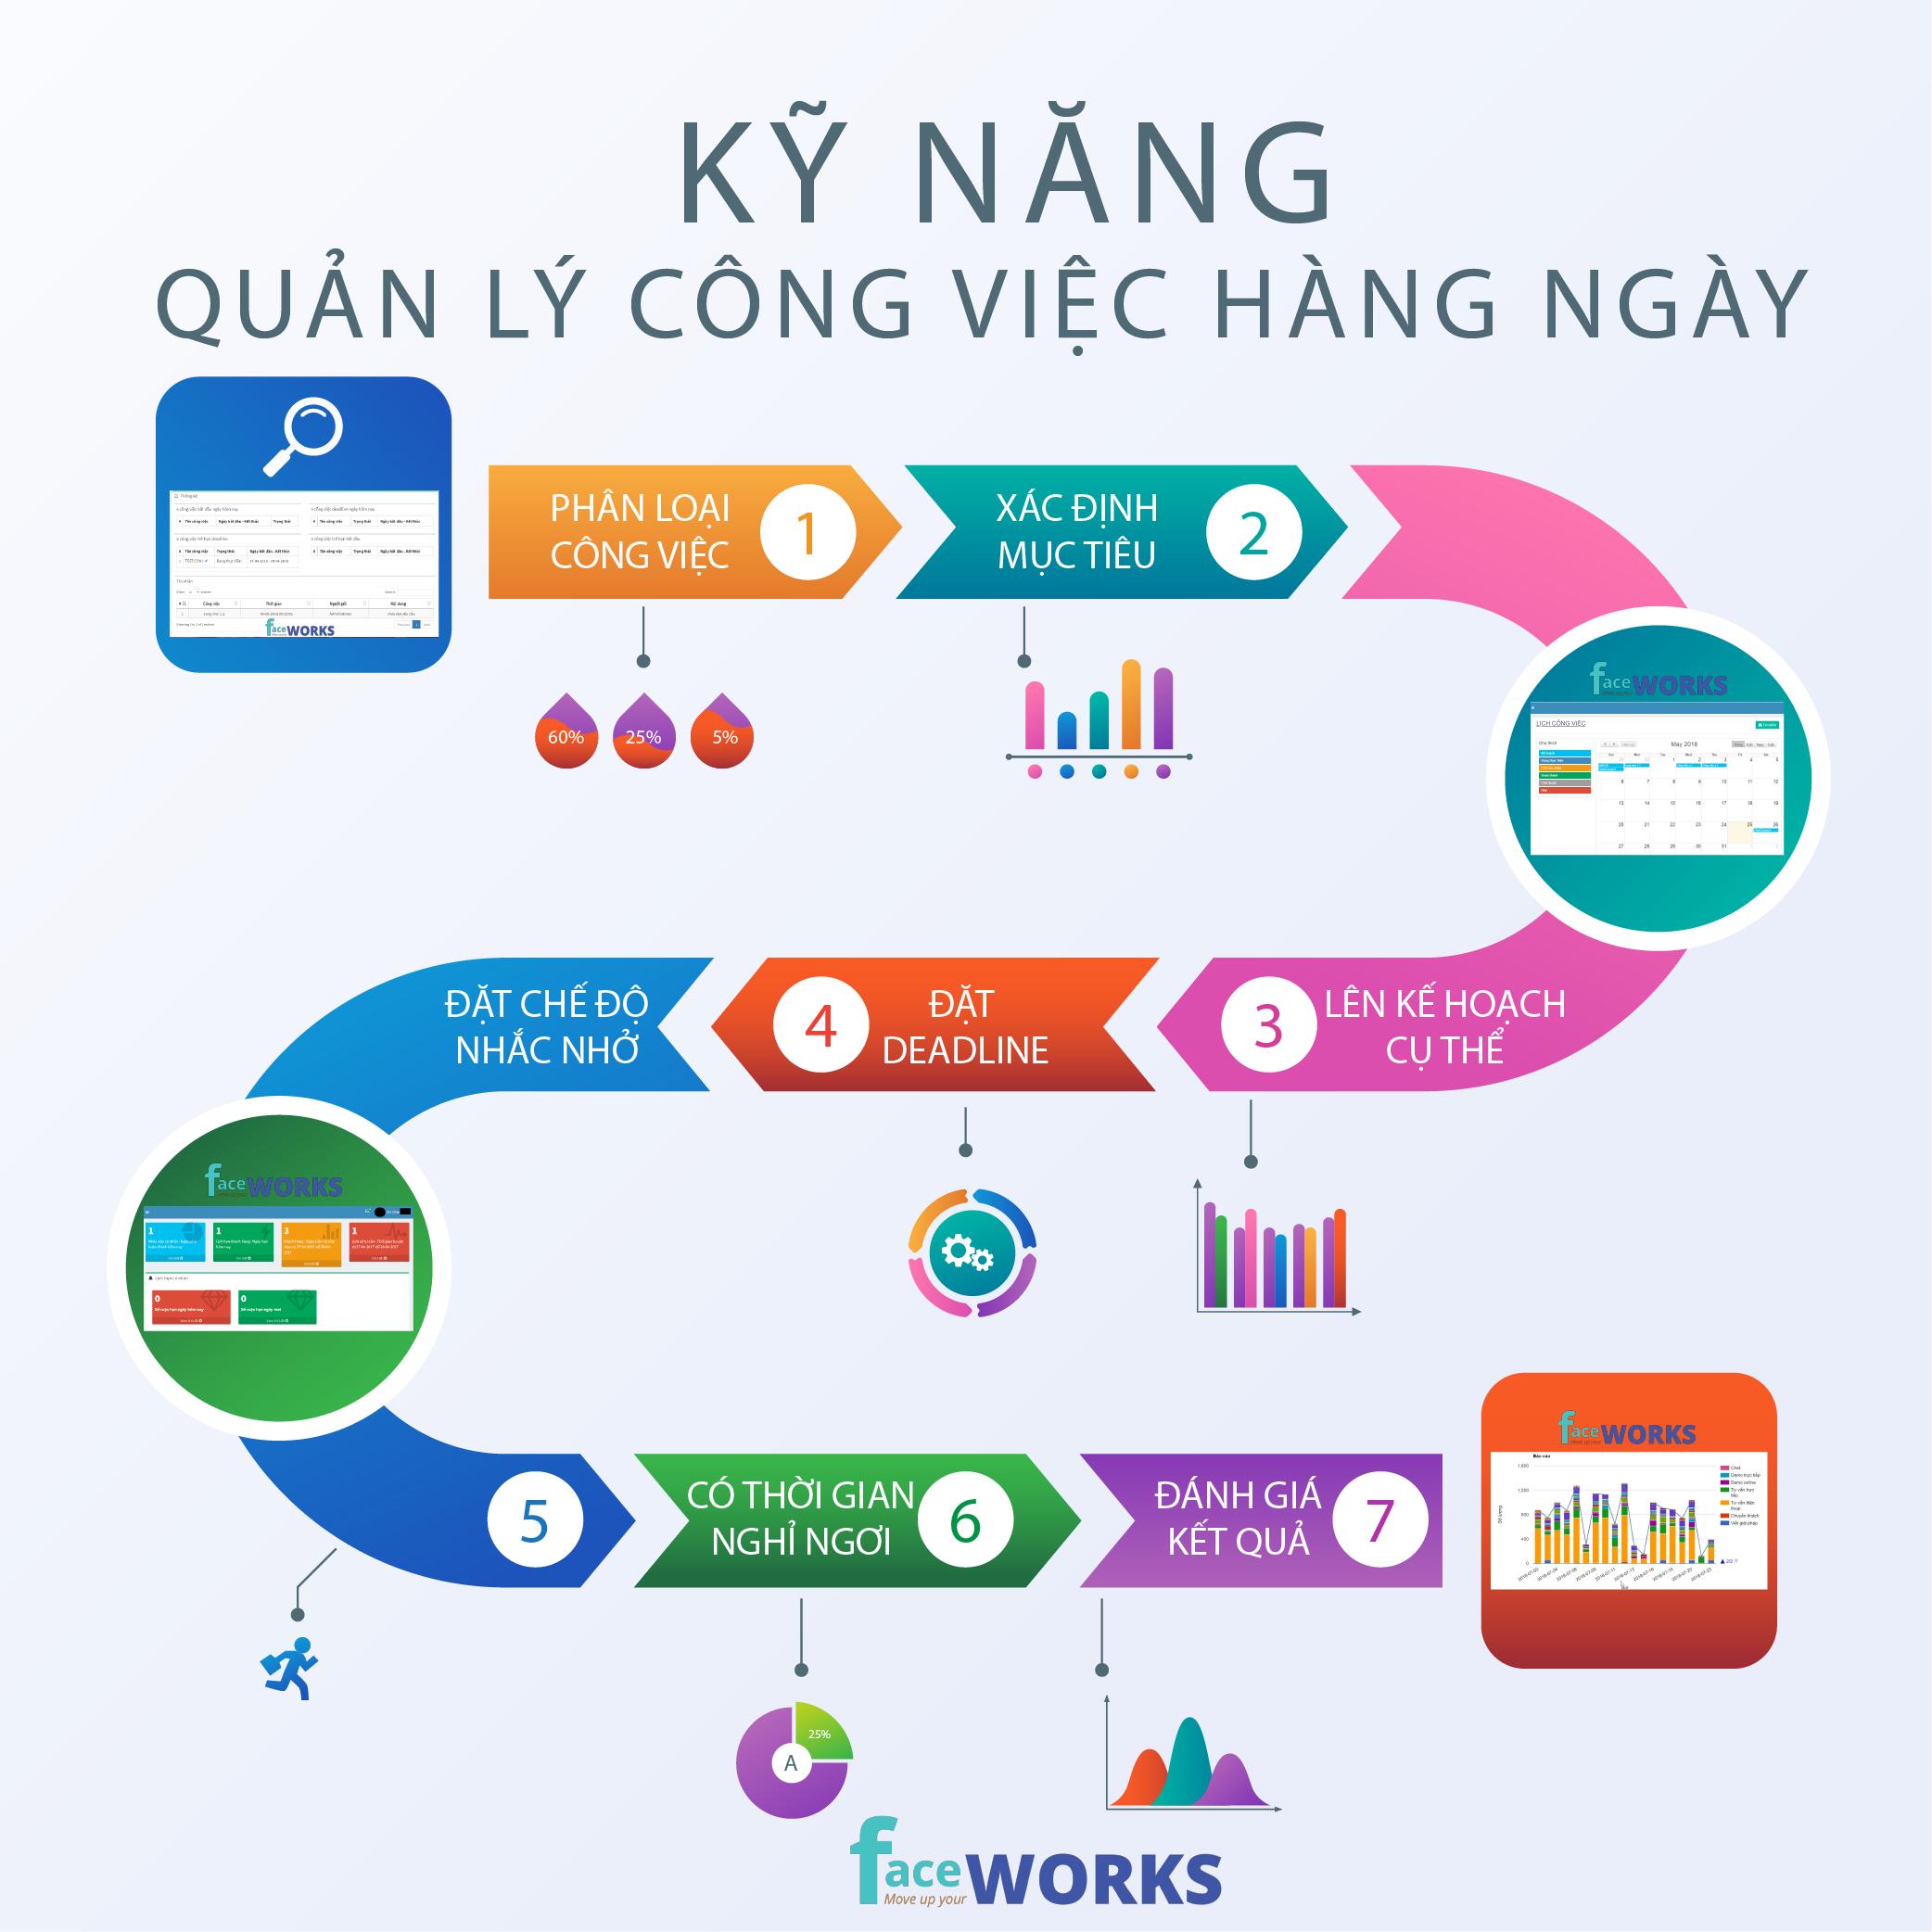 KY NANG QUAN LY CONG VIEC HANG NGAY-01